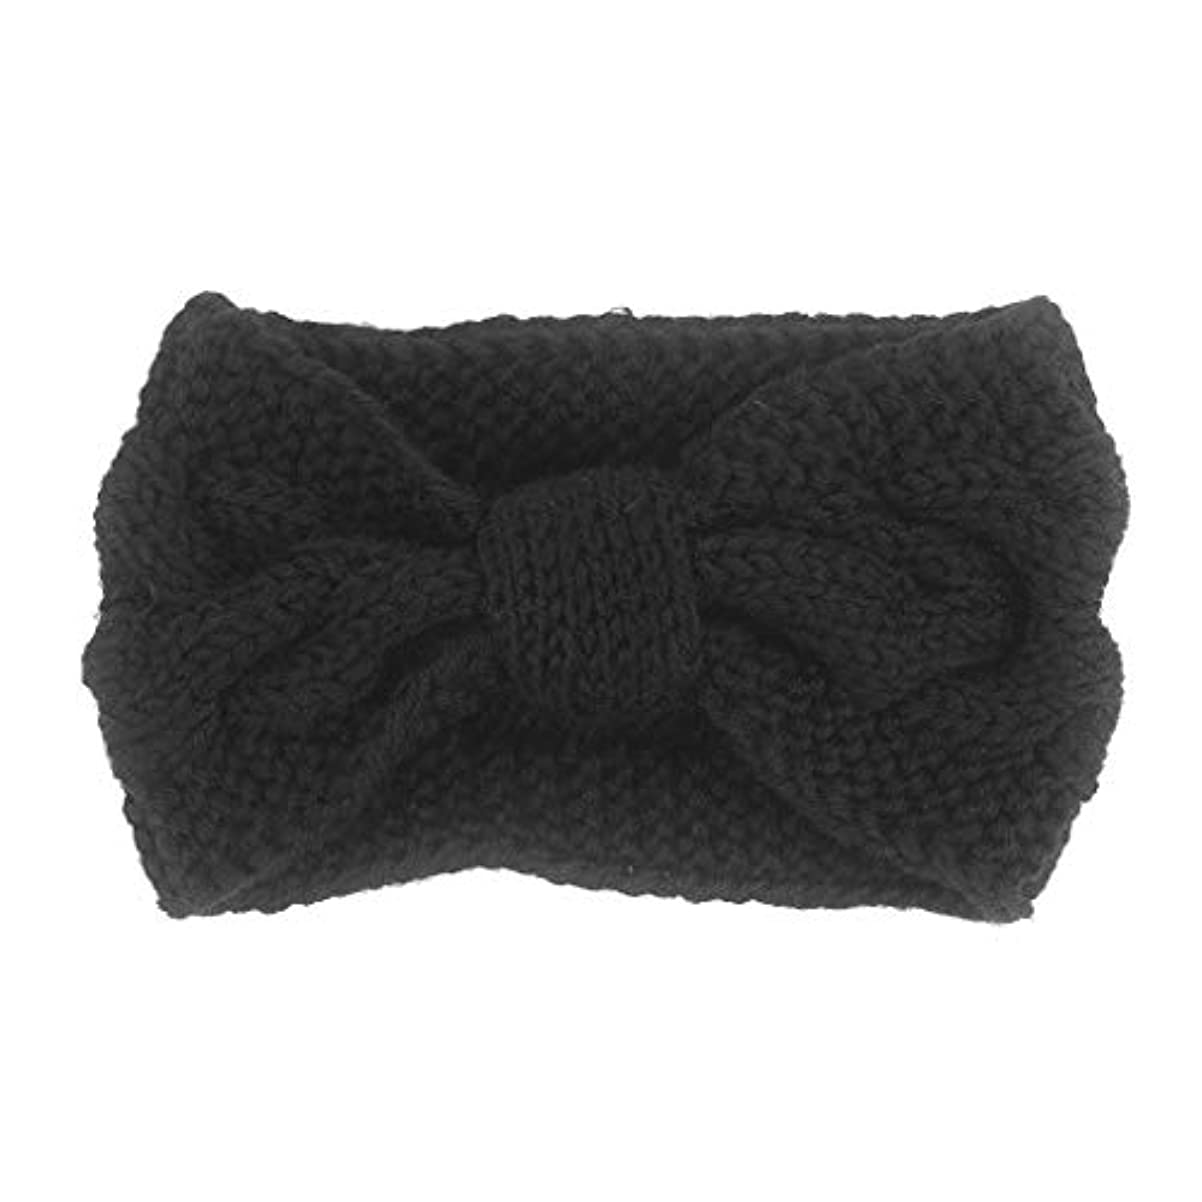 場合ブルーベル恥ずかしさ1st market 丈夫なニットヘアバンドかぎ針編みツイスト耳暖かい冬編組ヘッドラップ用女性女の子